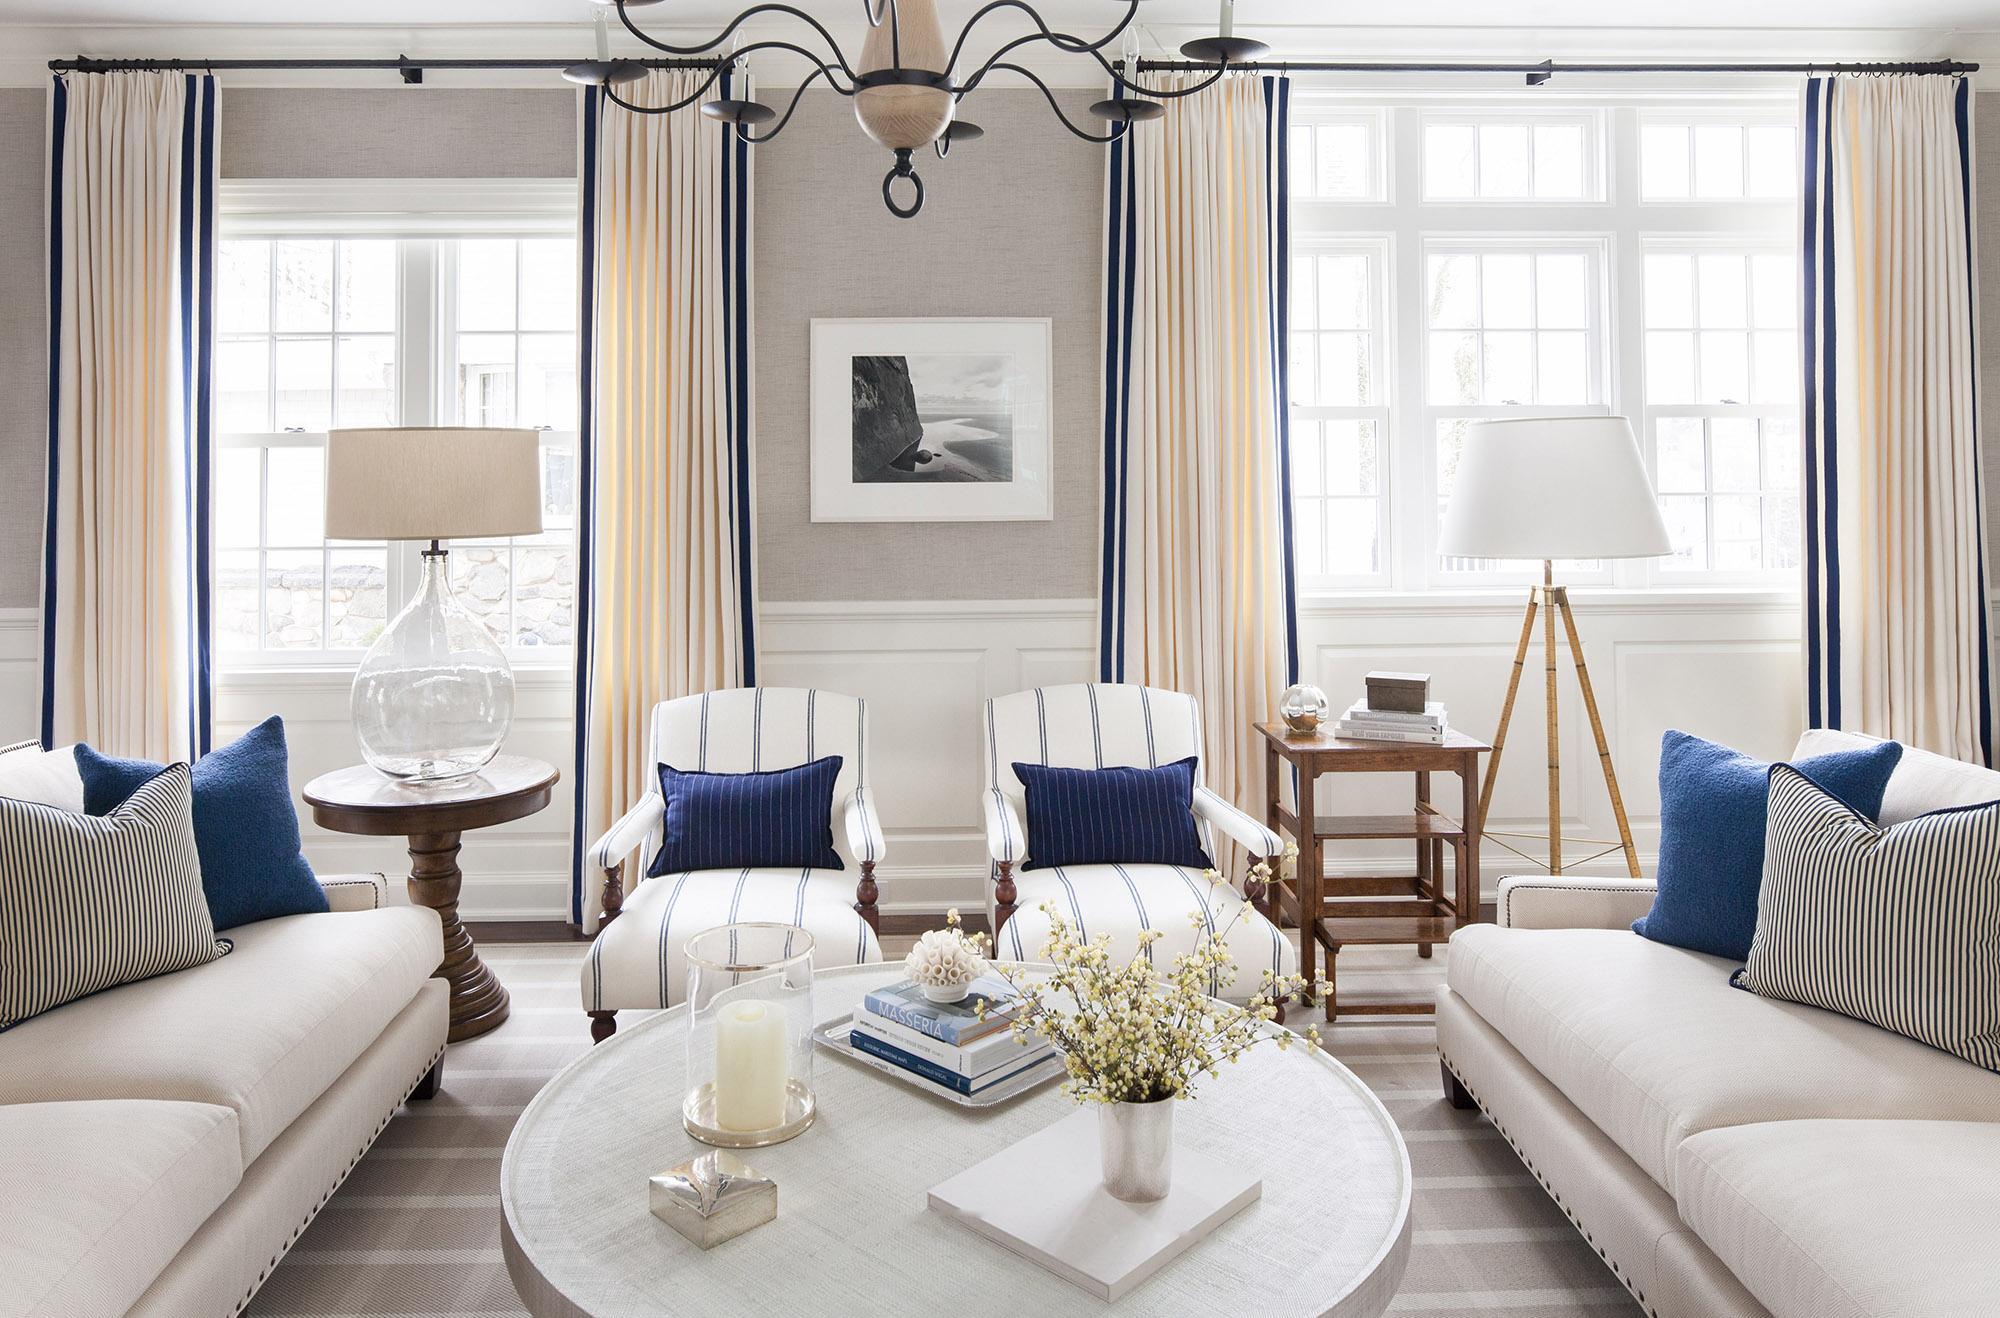 Красивое сочетание бежевого, синего и белого цветов в интерьере гостиной